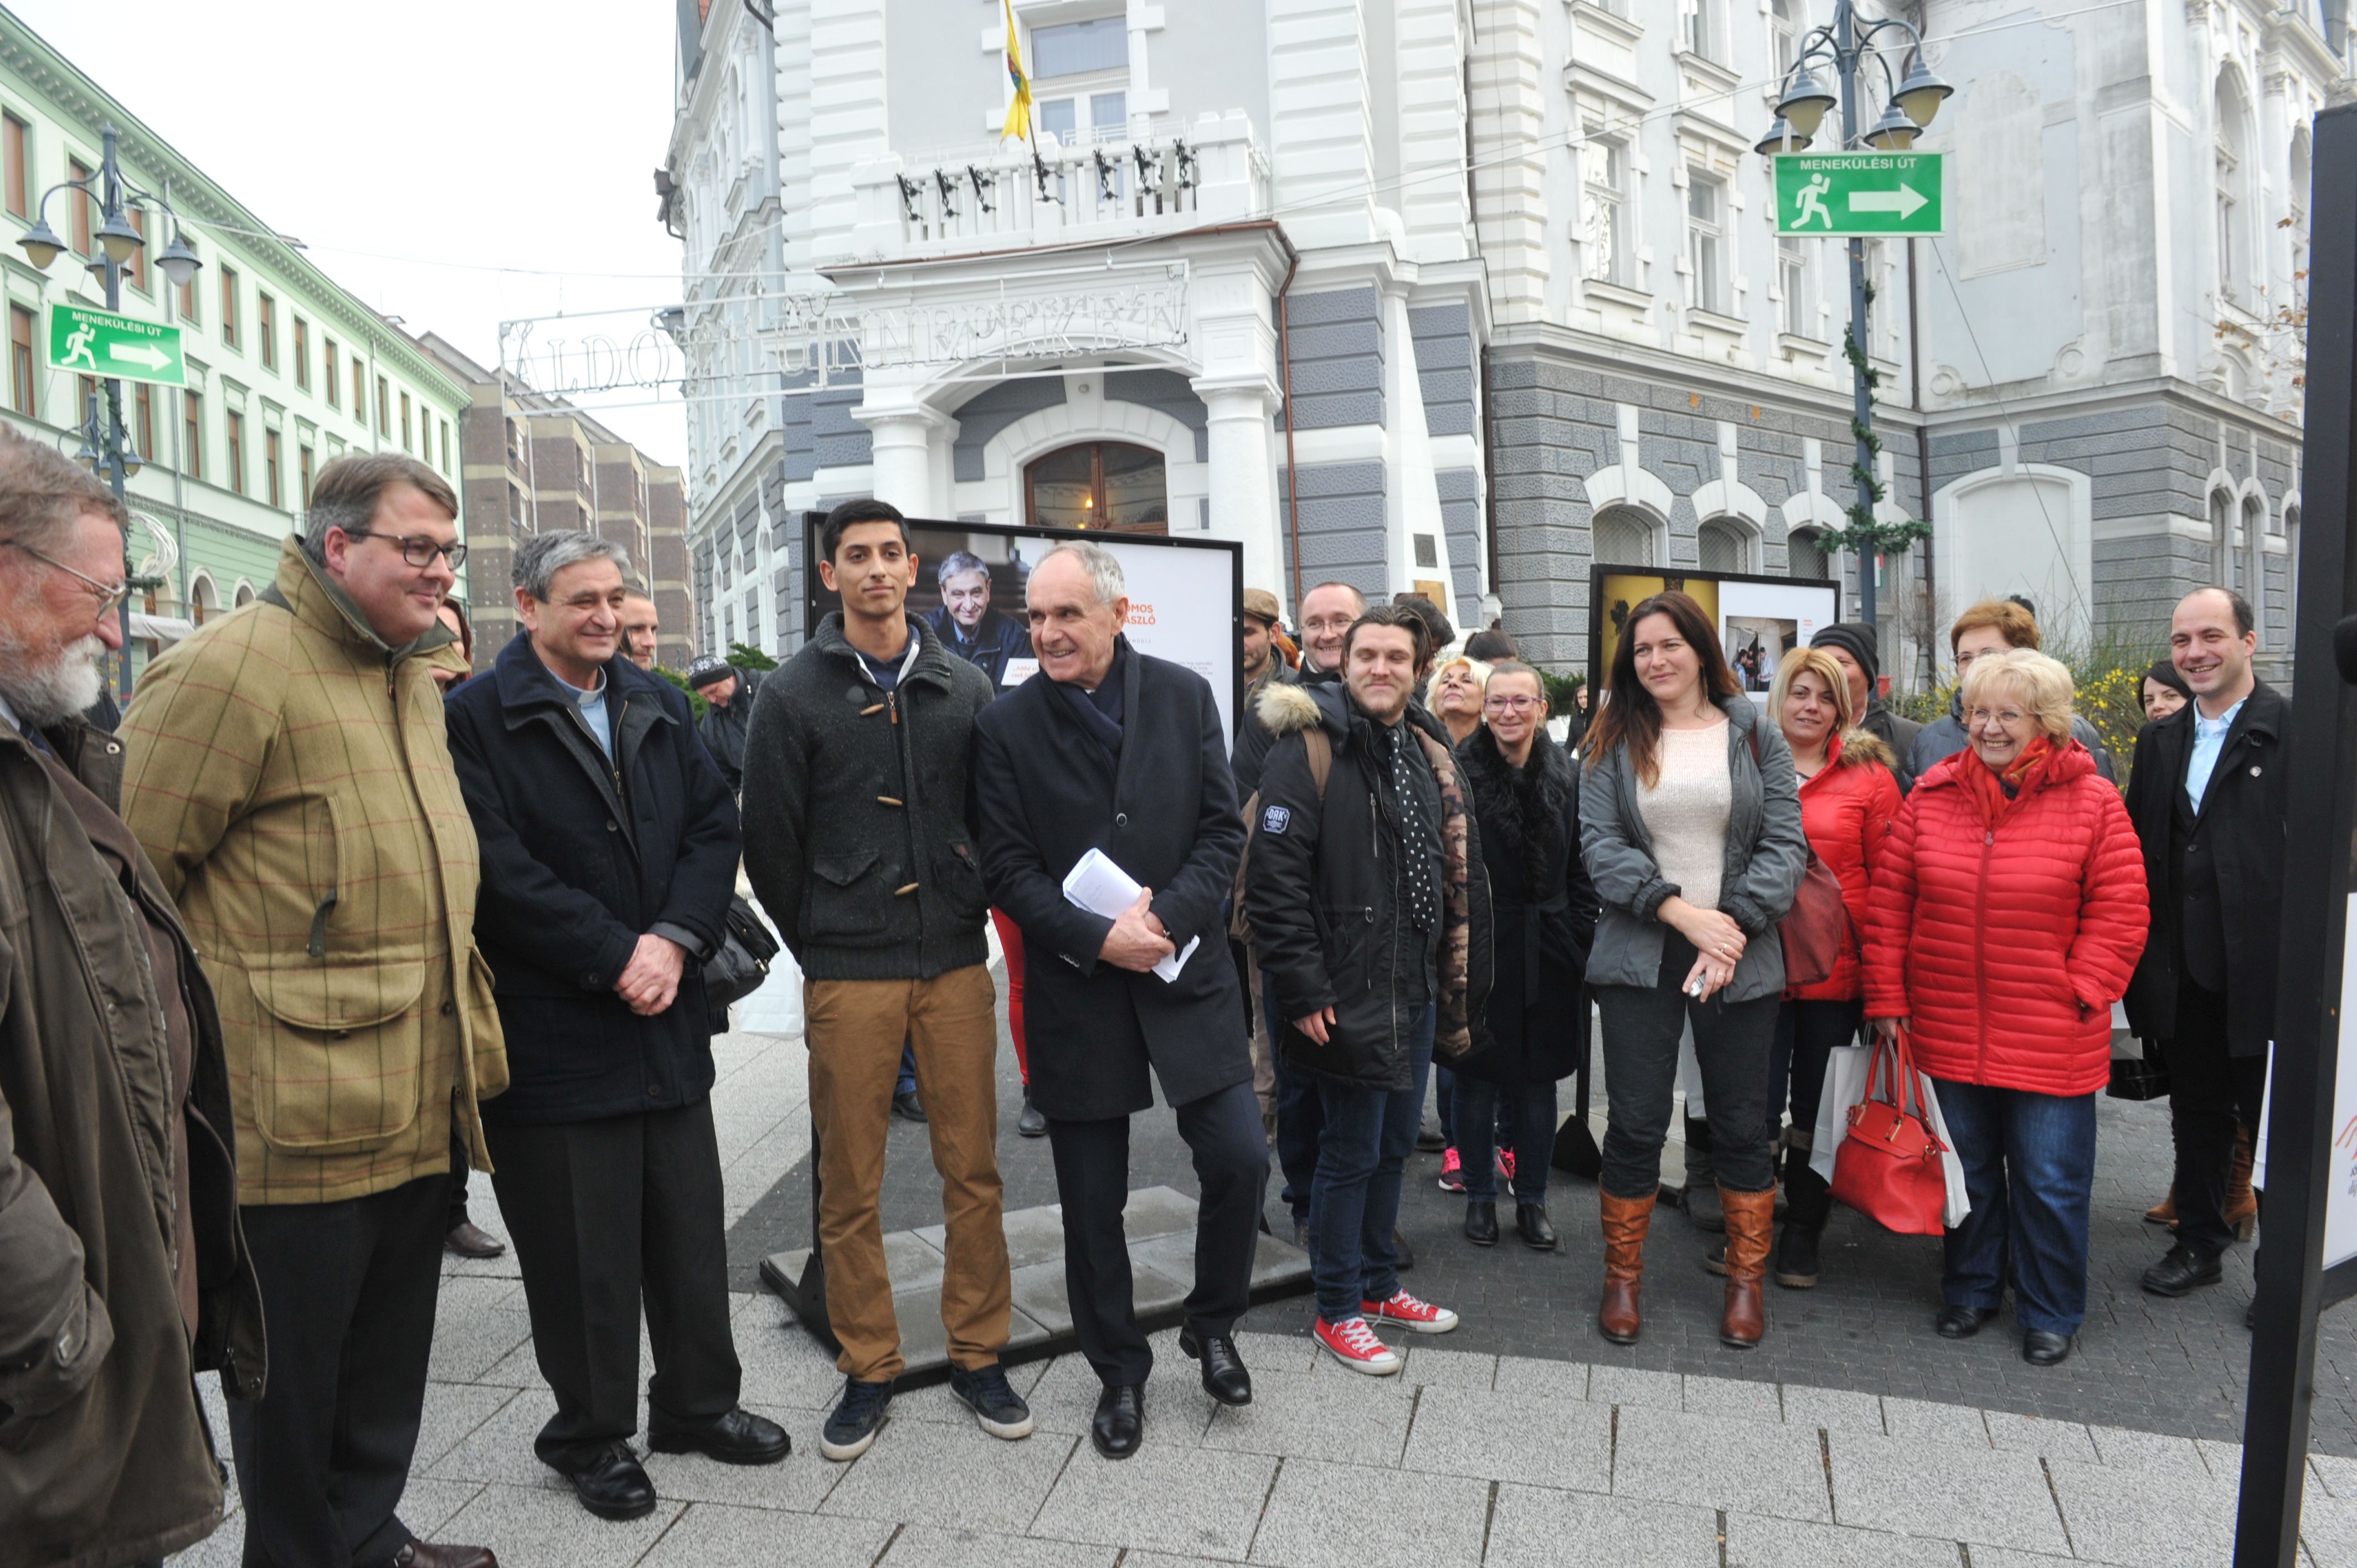 Kaposvárra érkezett a Jószolgálat-díj szabadtéri kiállítása